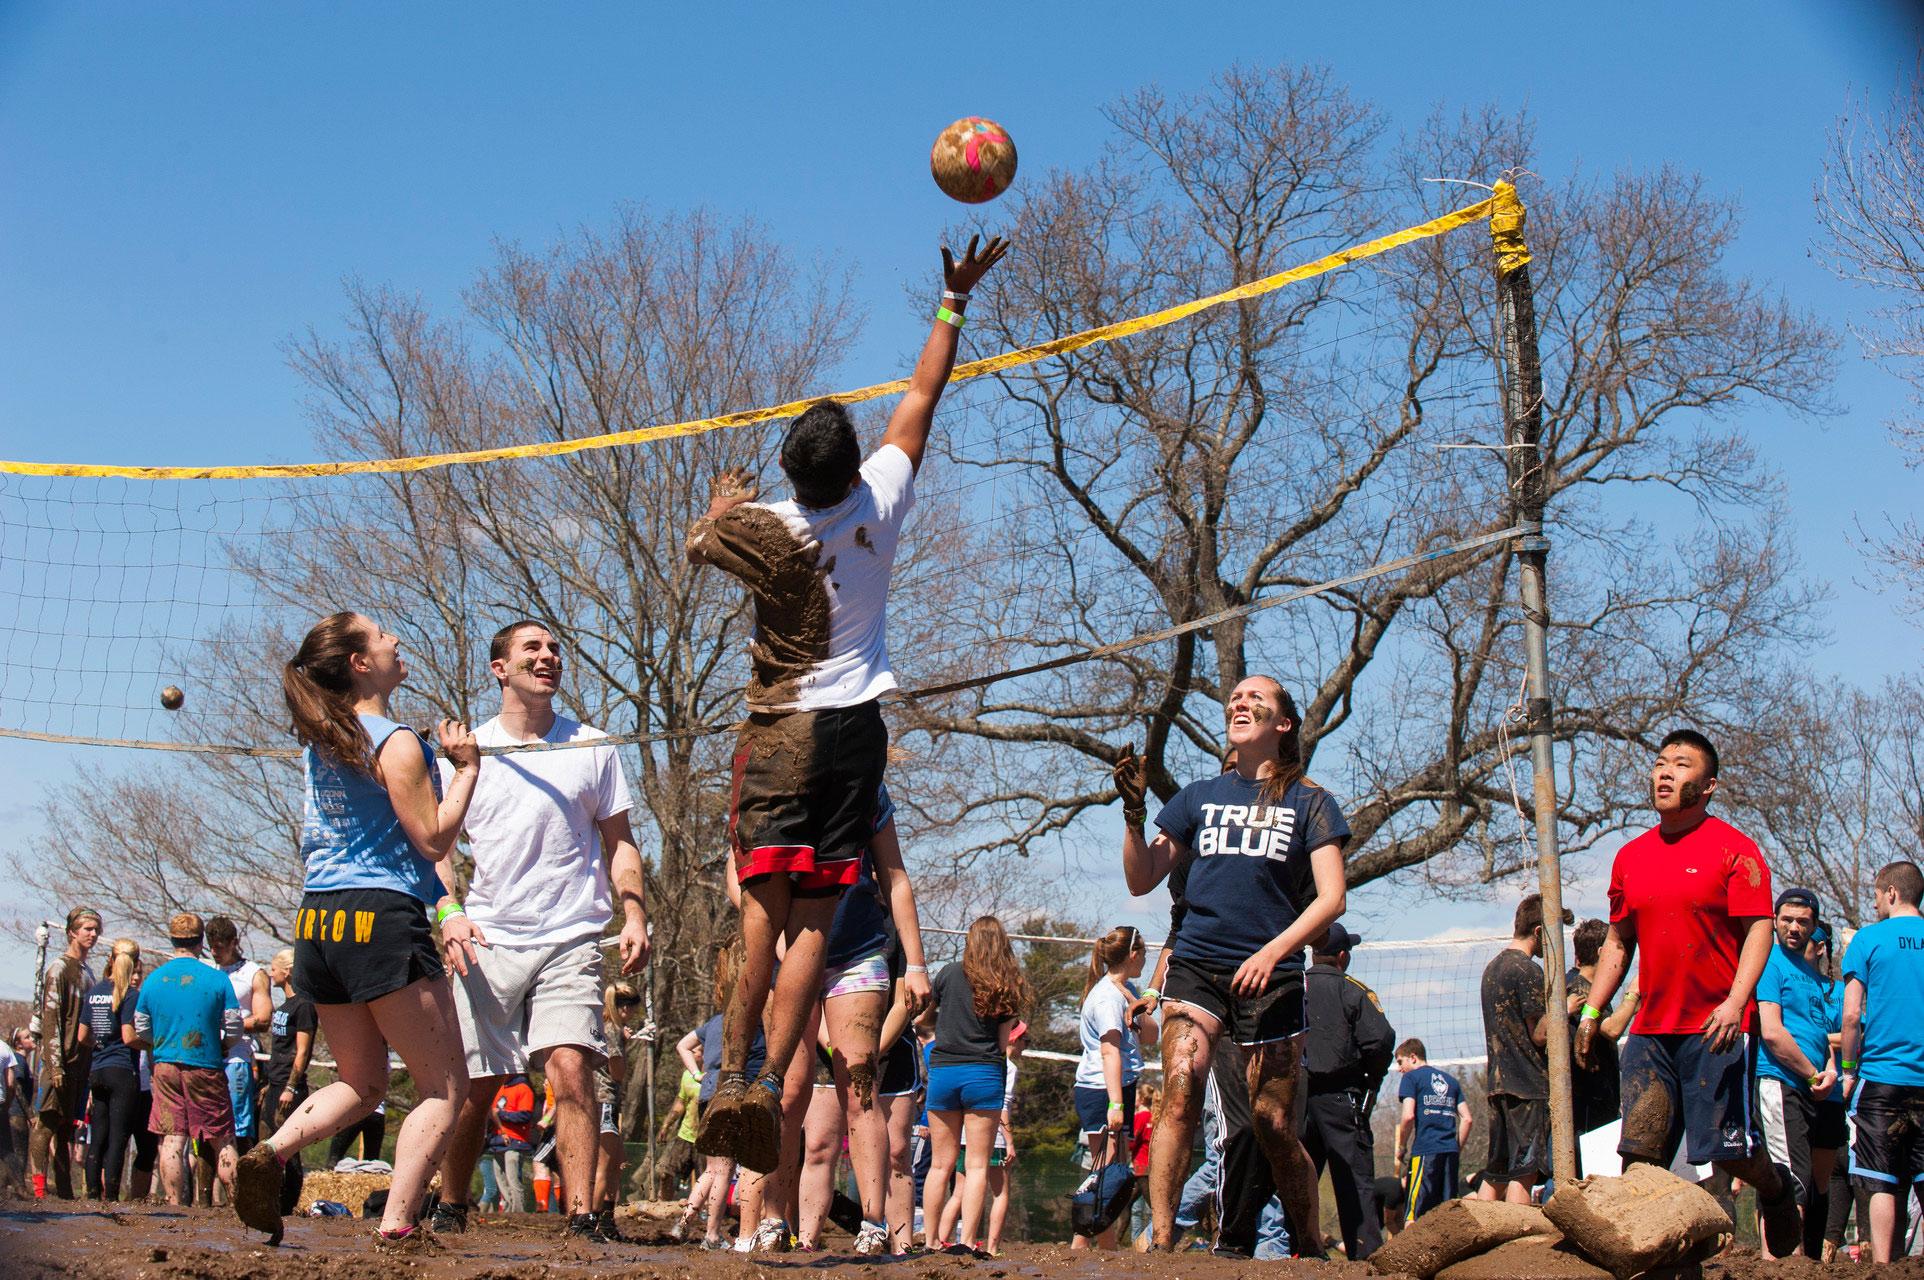 oozeball court